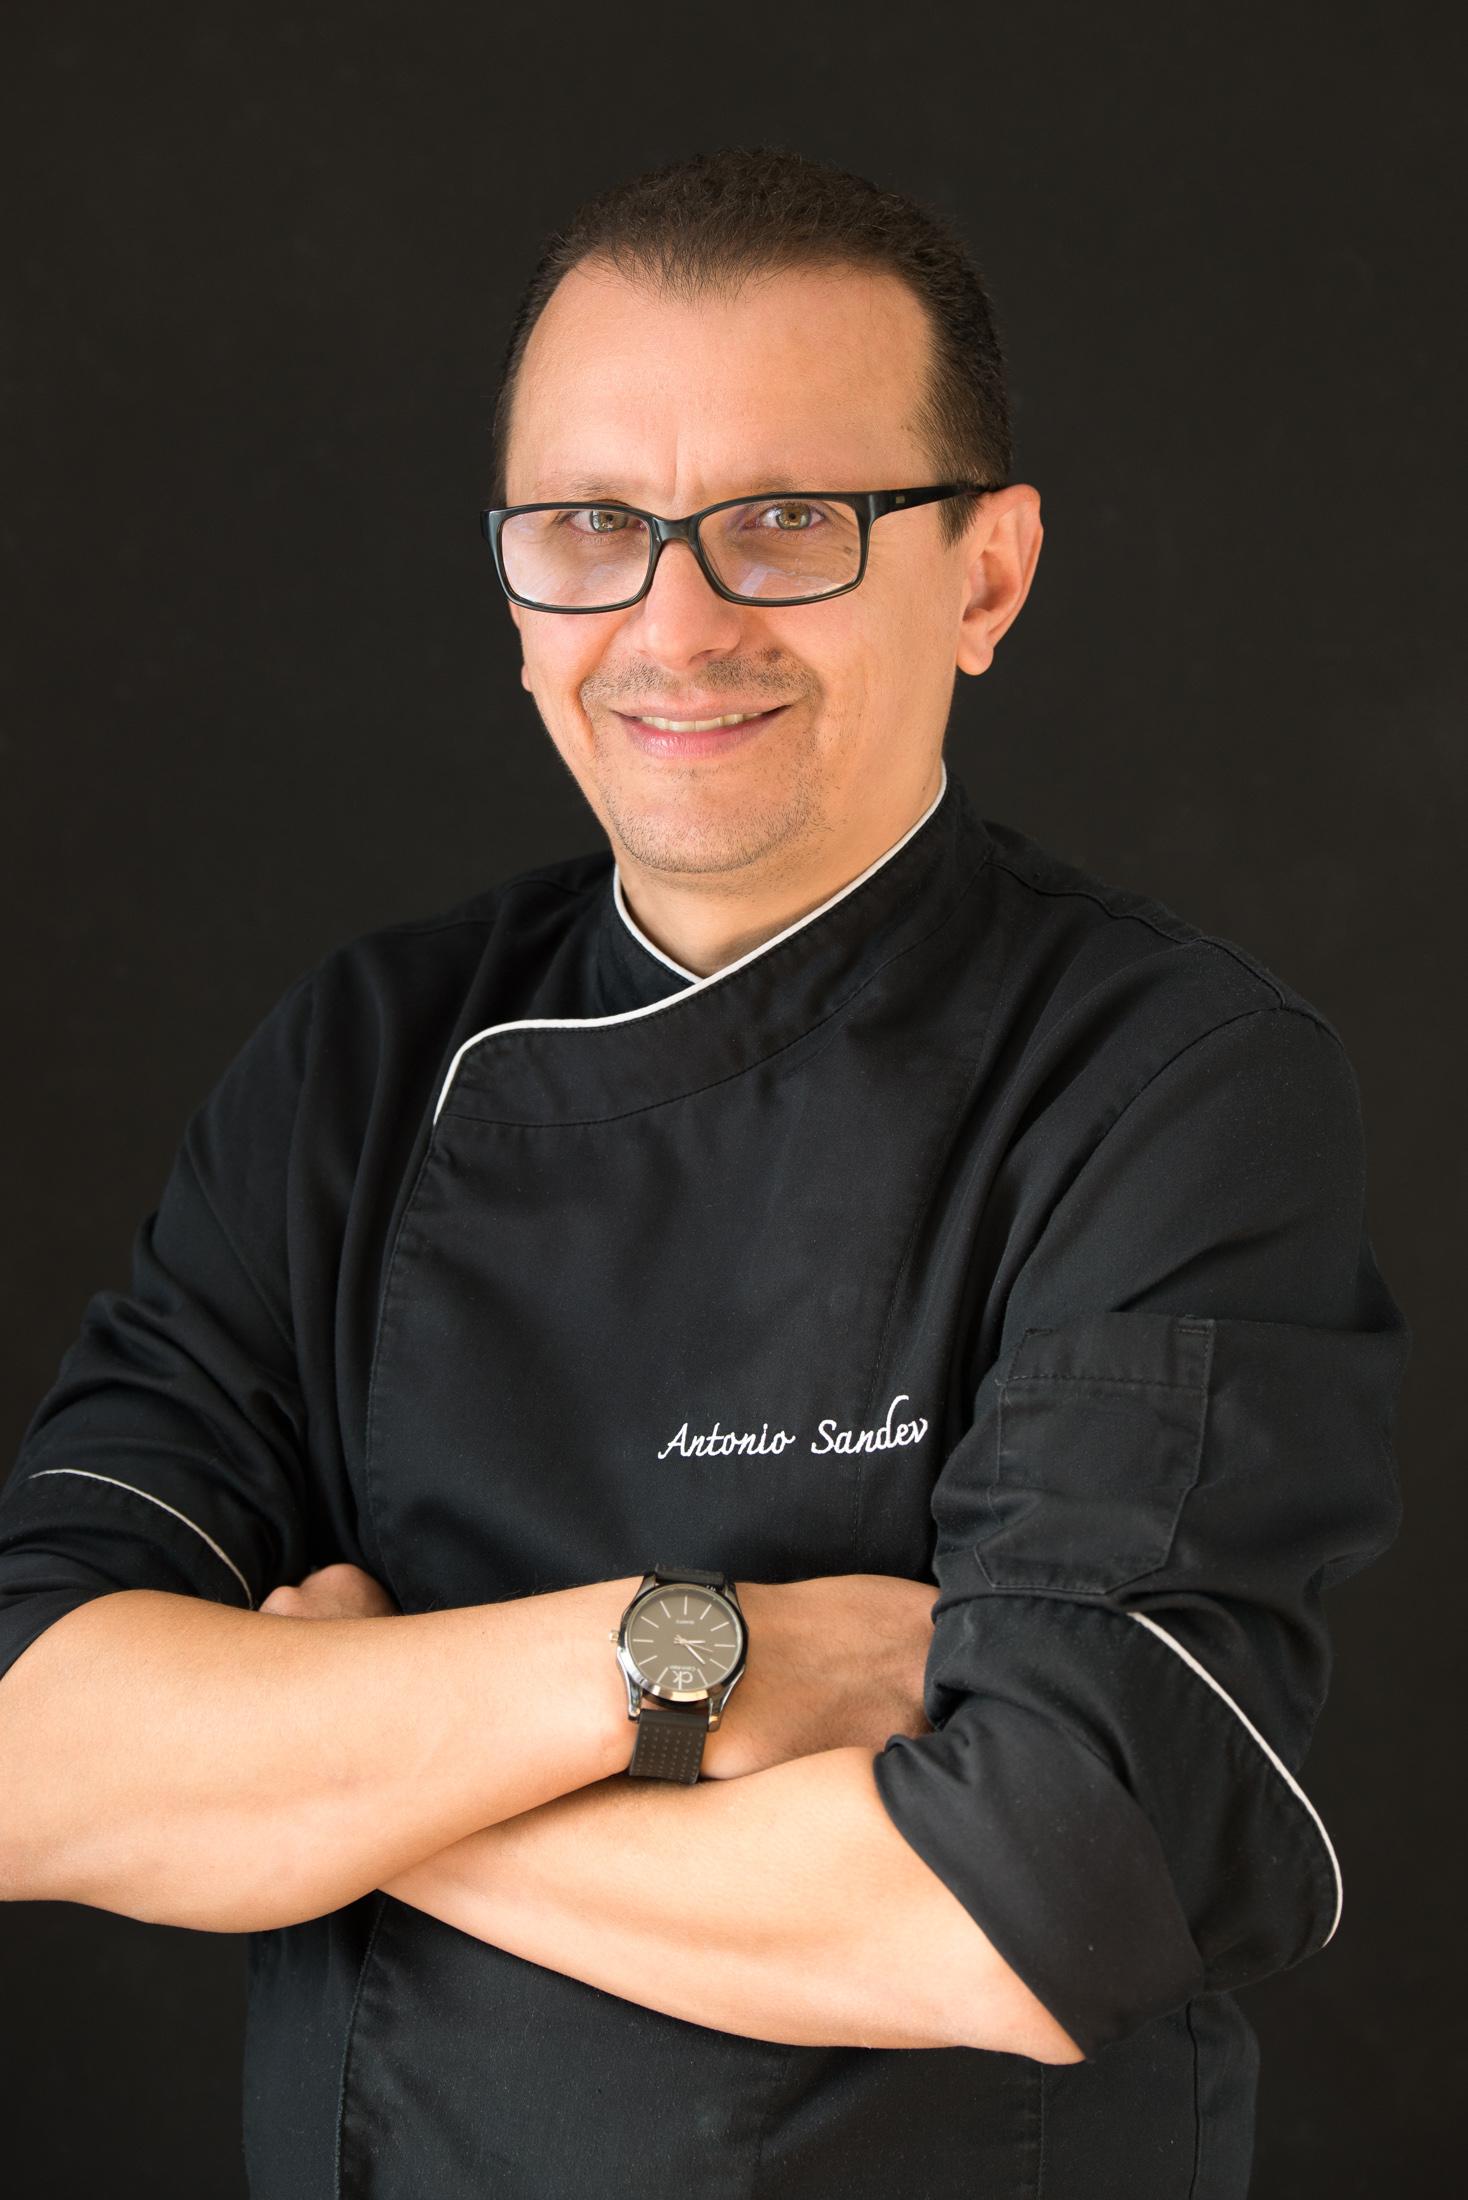 Antonio Sandev